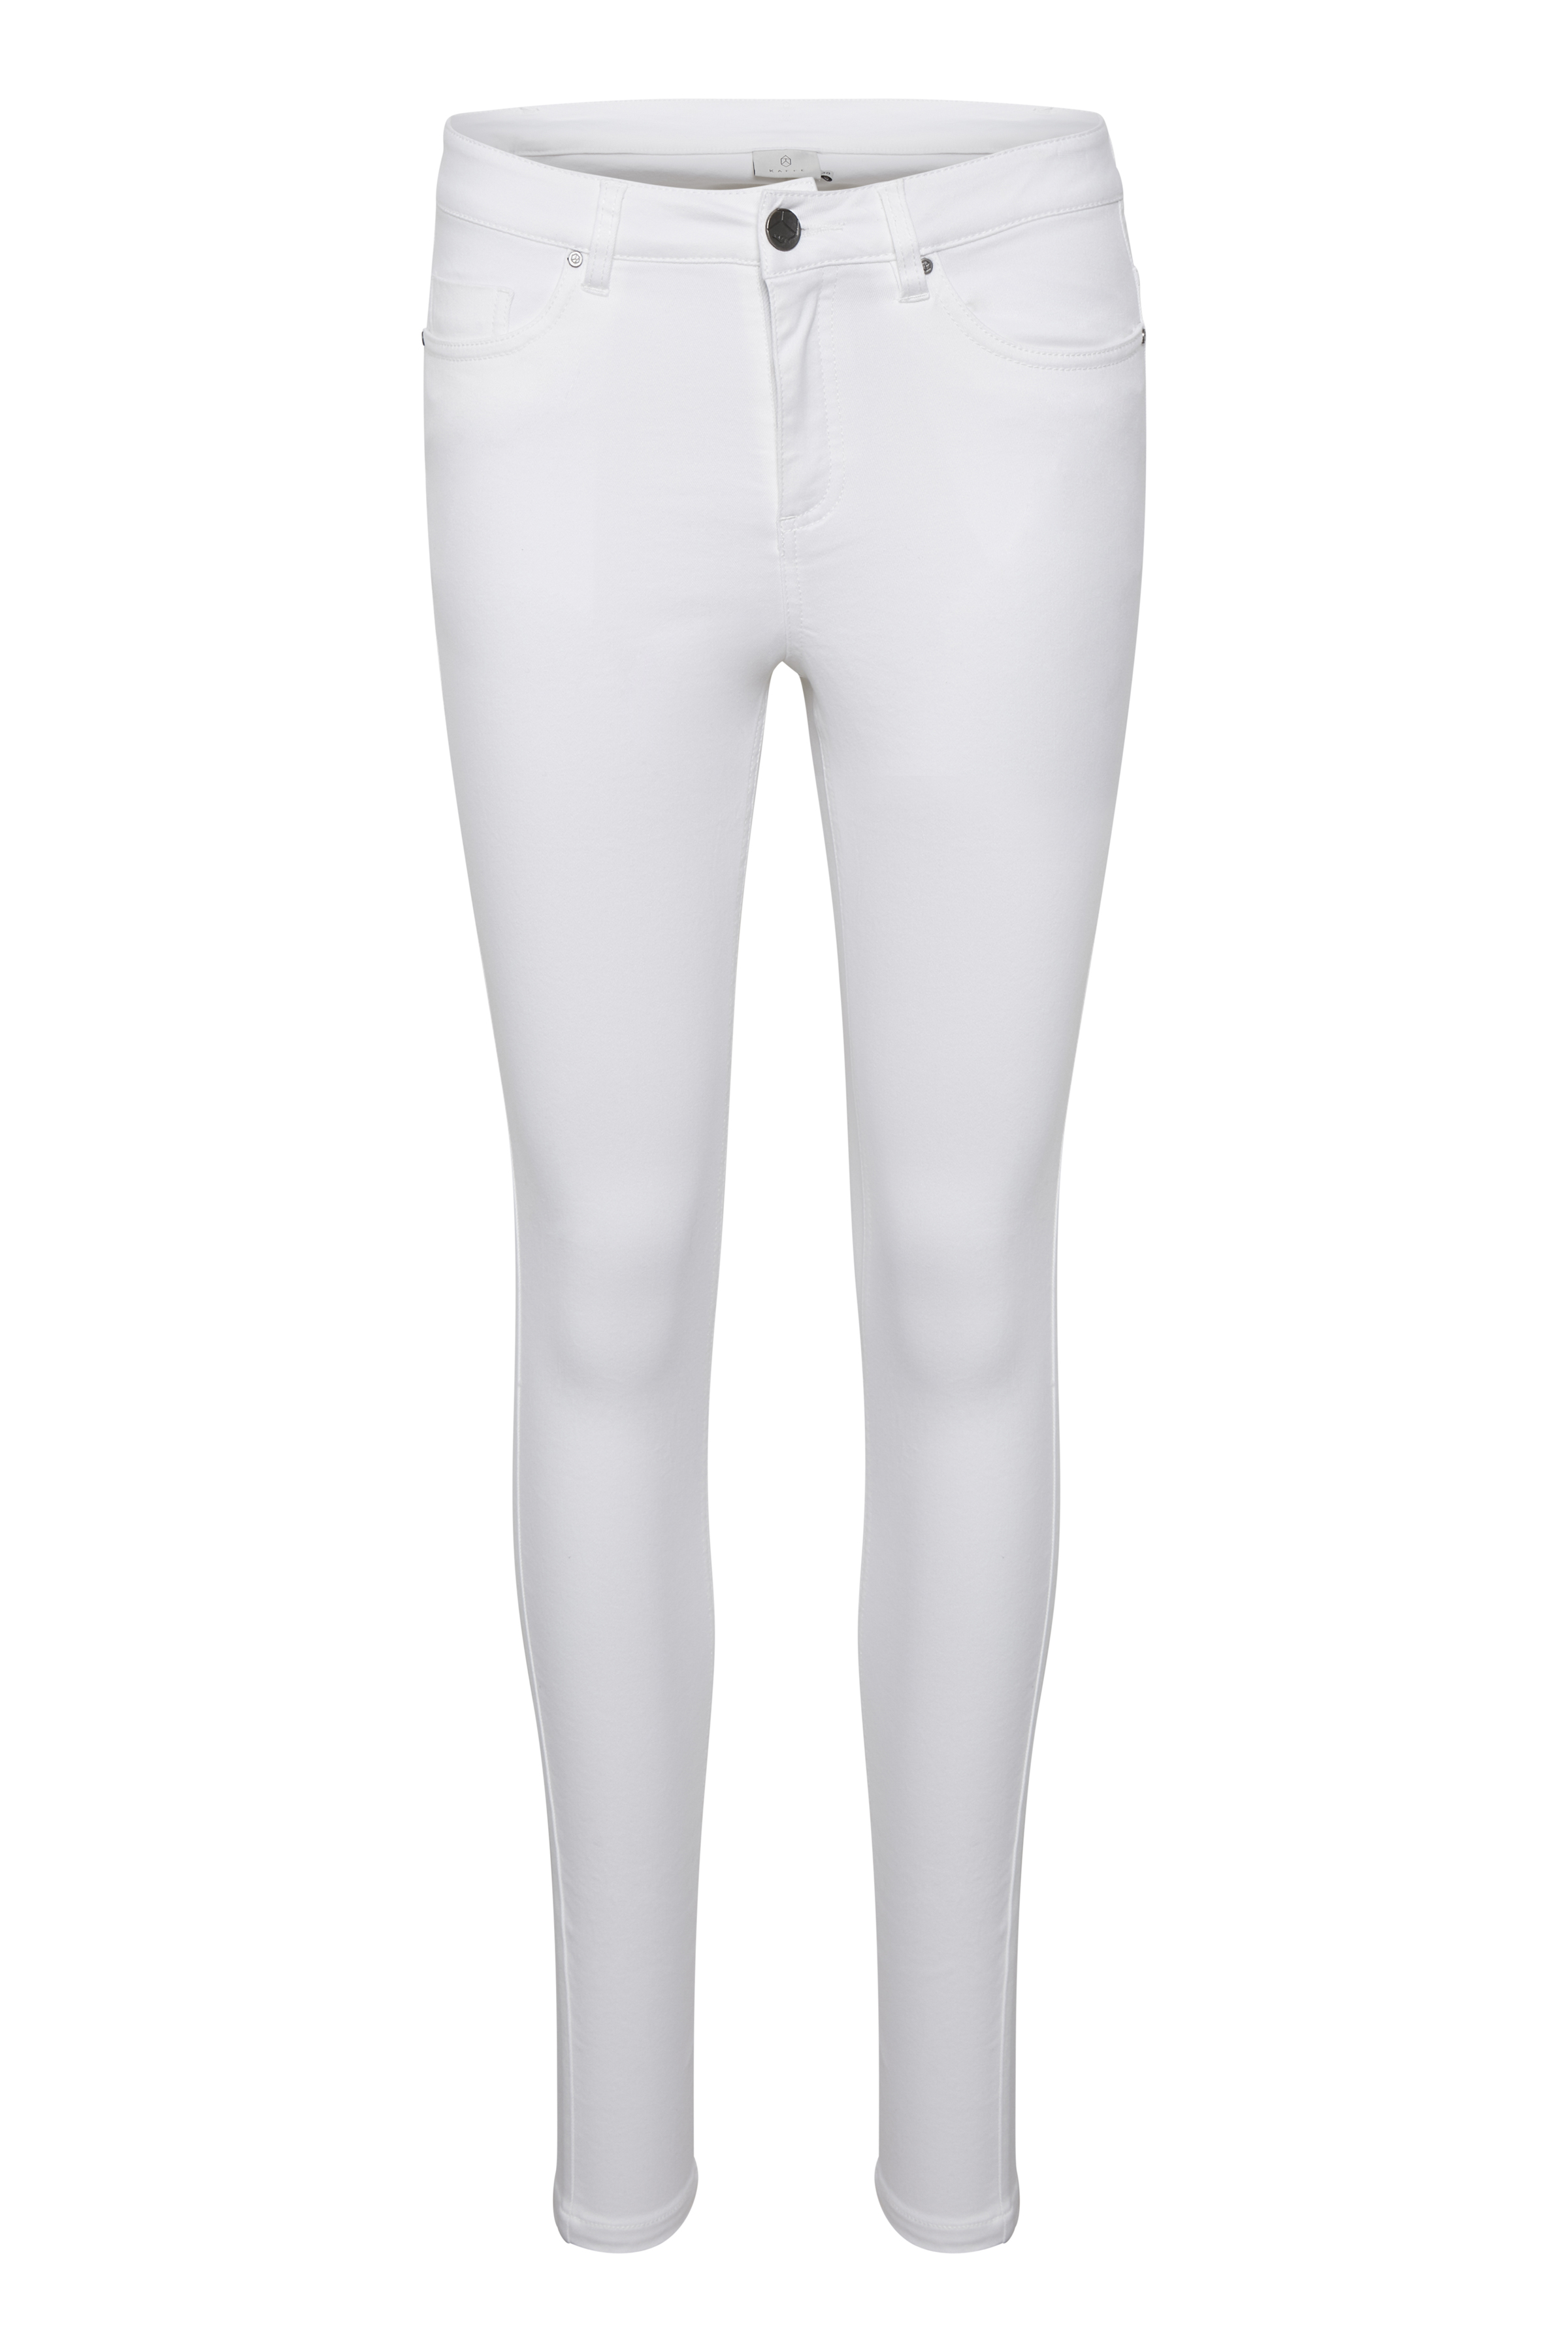 Hvid Jeans fra Kaffe – Køb Hvid Jeans fra str. 34-46 her